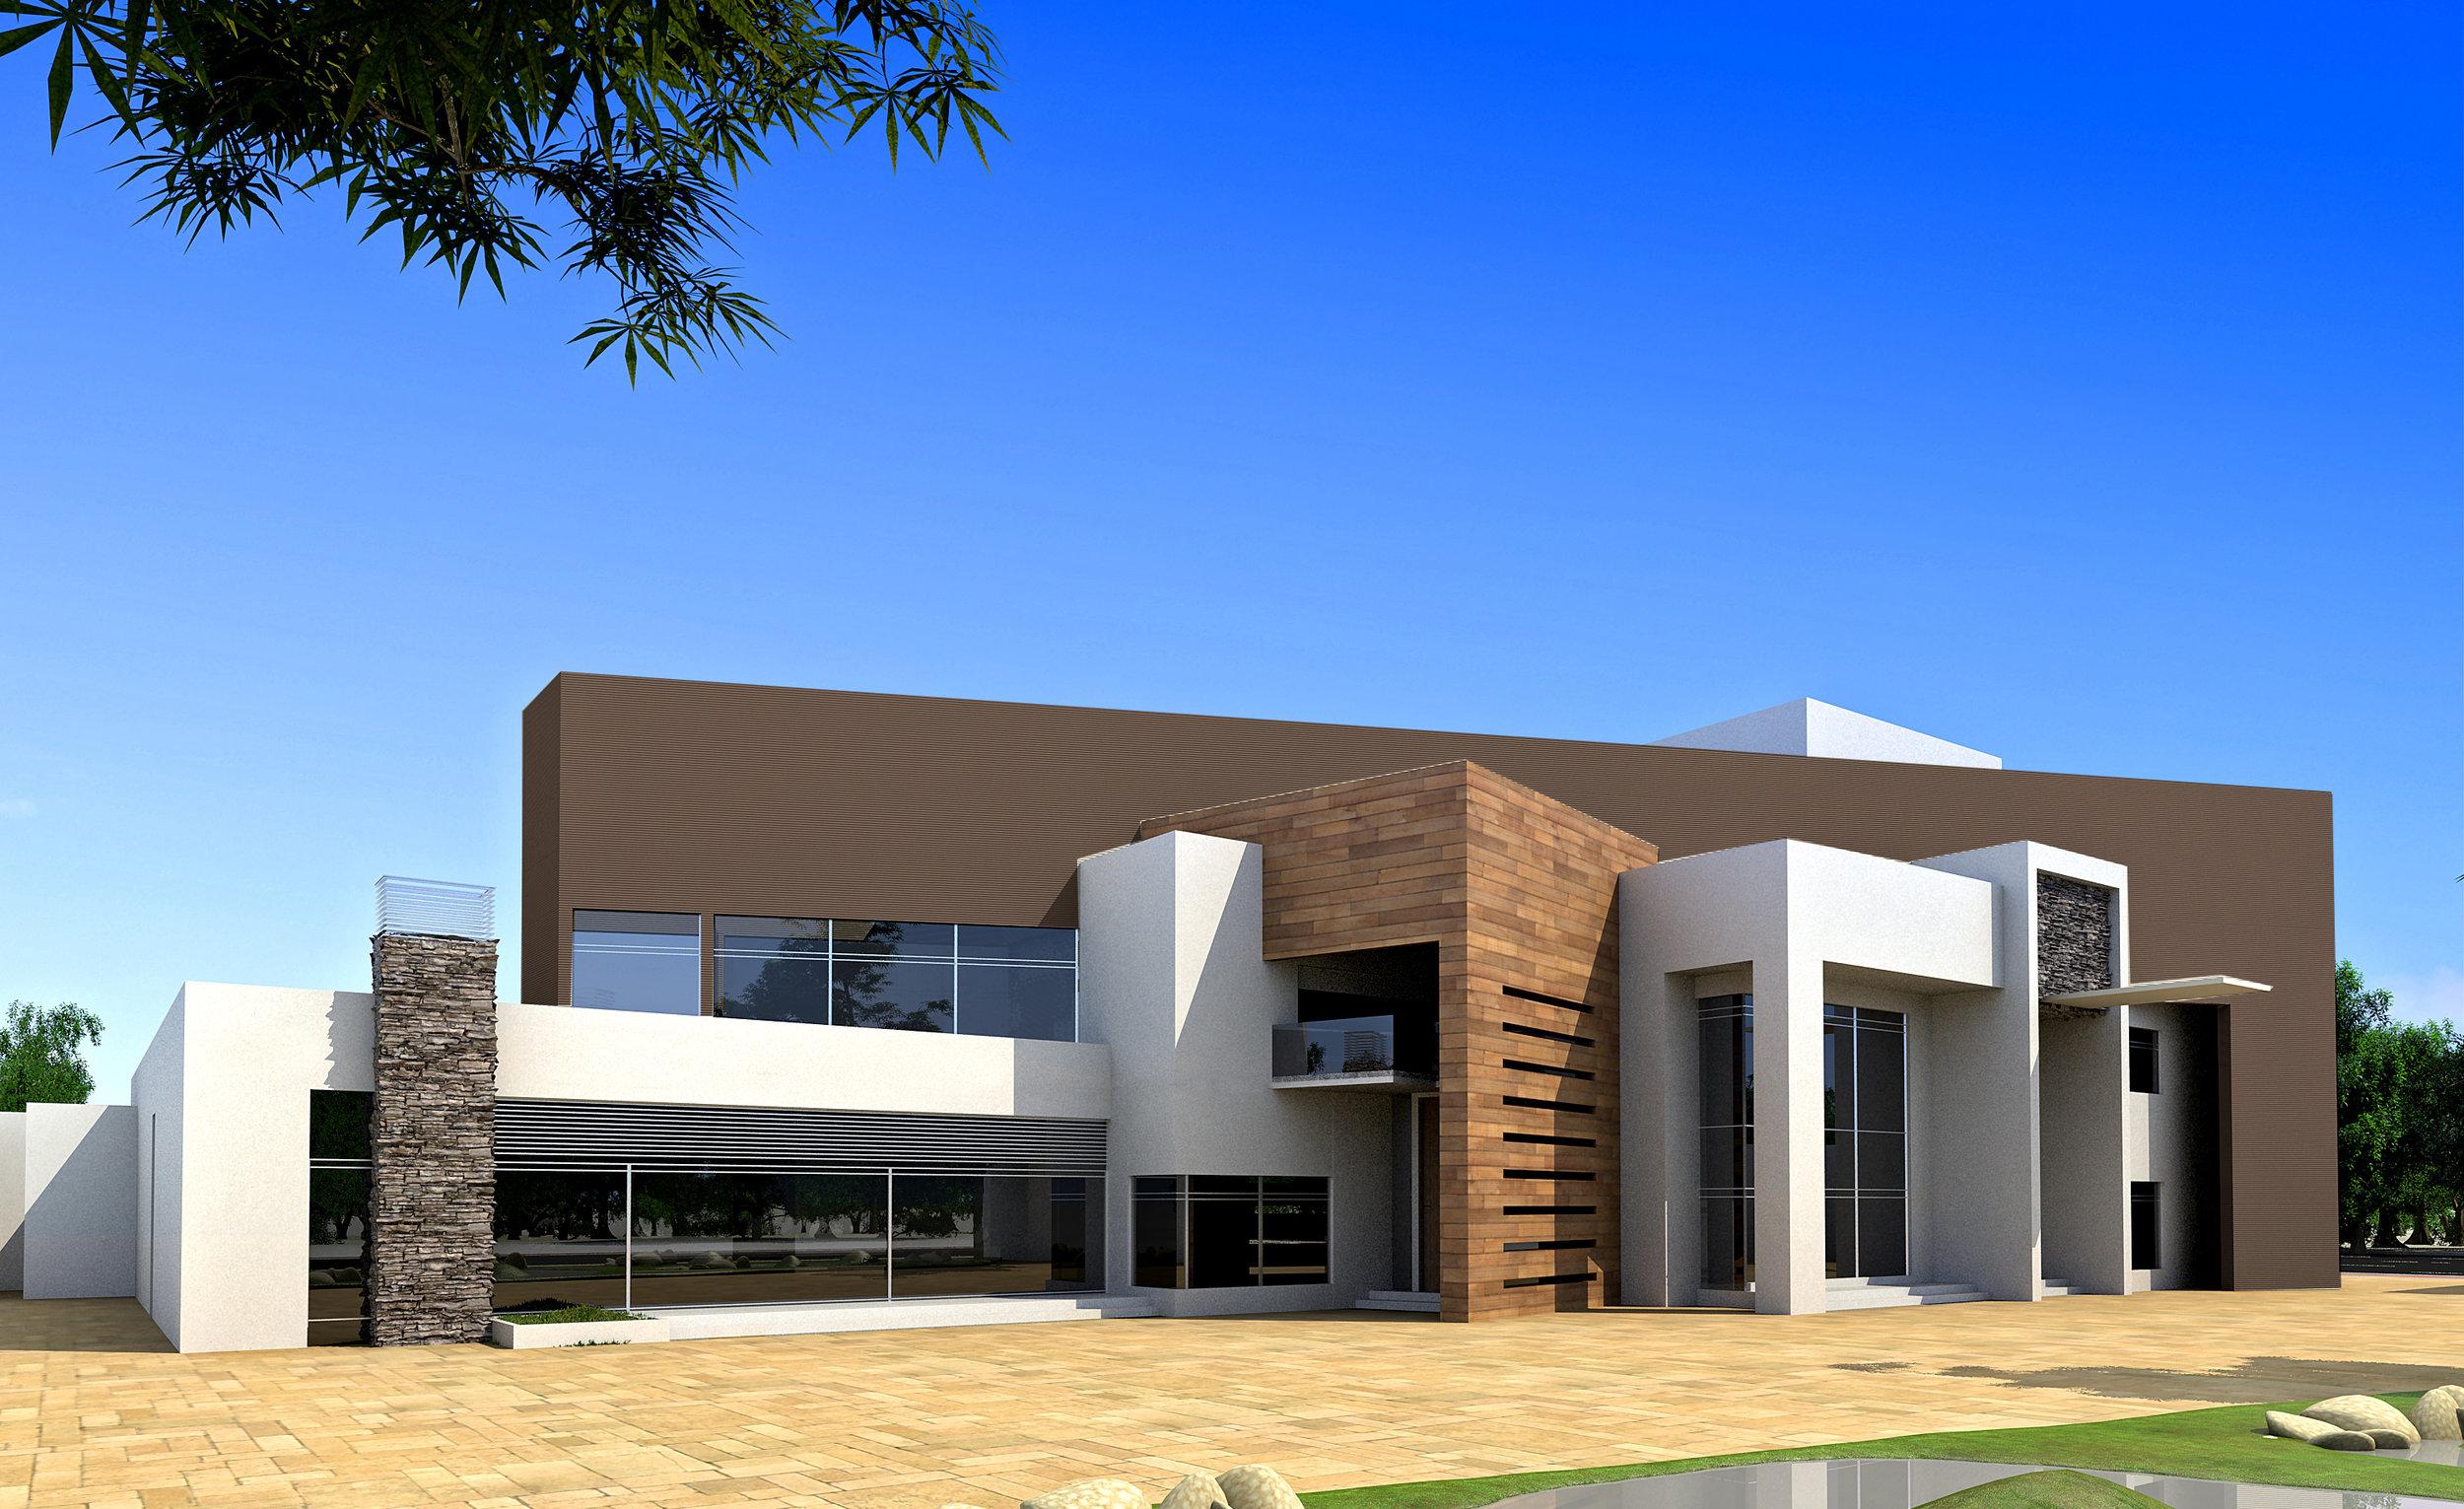 Al-Onaizan Facade 1.jpg